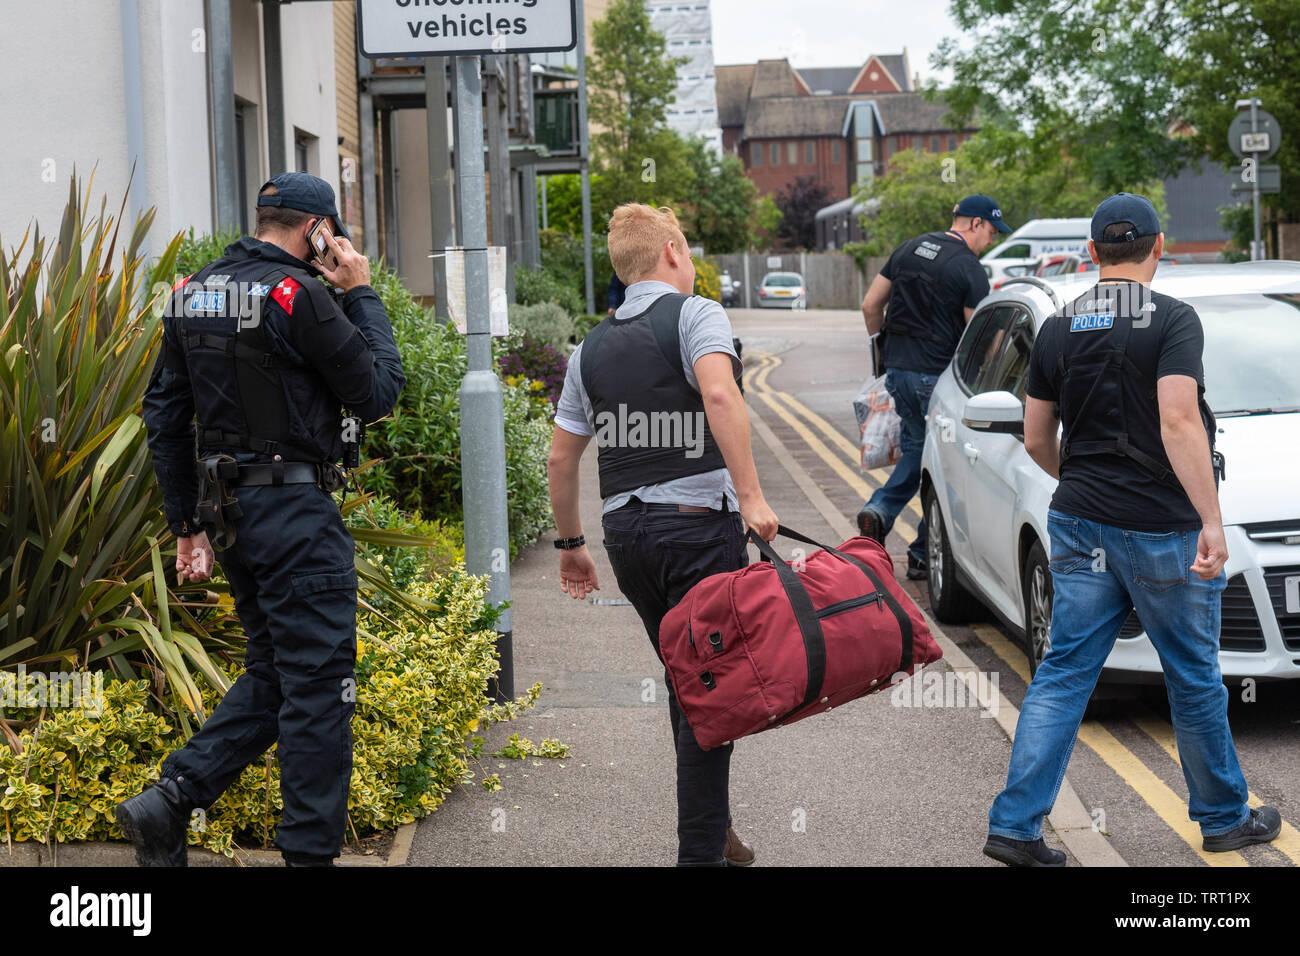 Police Crackdown Stock Photos & Police Crackdown Stock